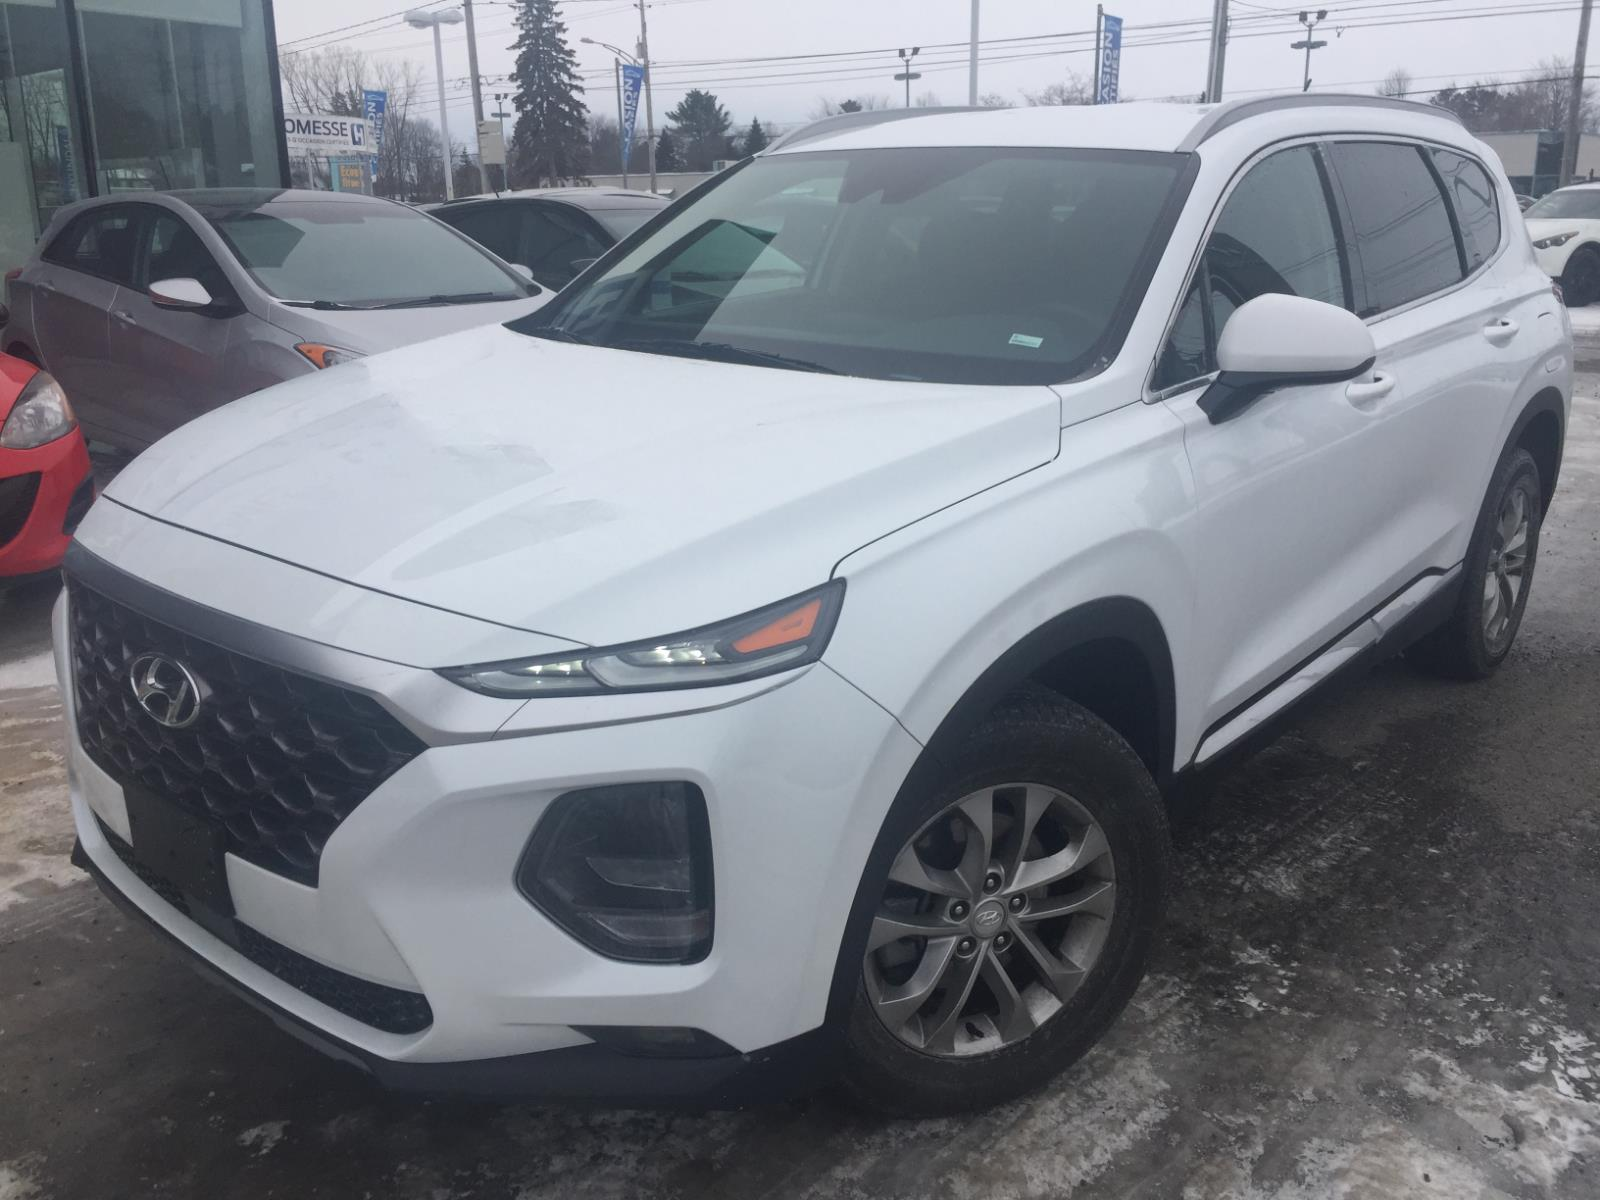 Hyundai Santa Fe 2019 2.4L Essential AWD W-Safety #L-0131